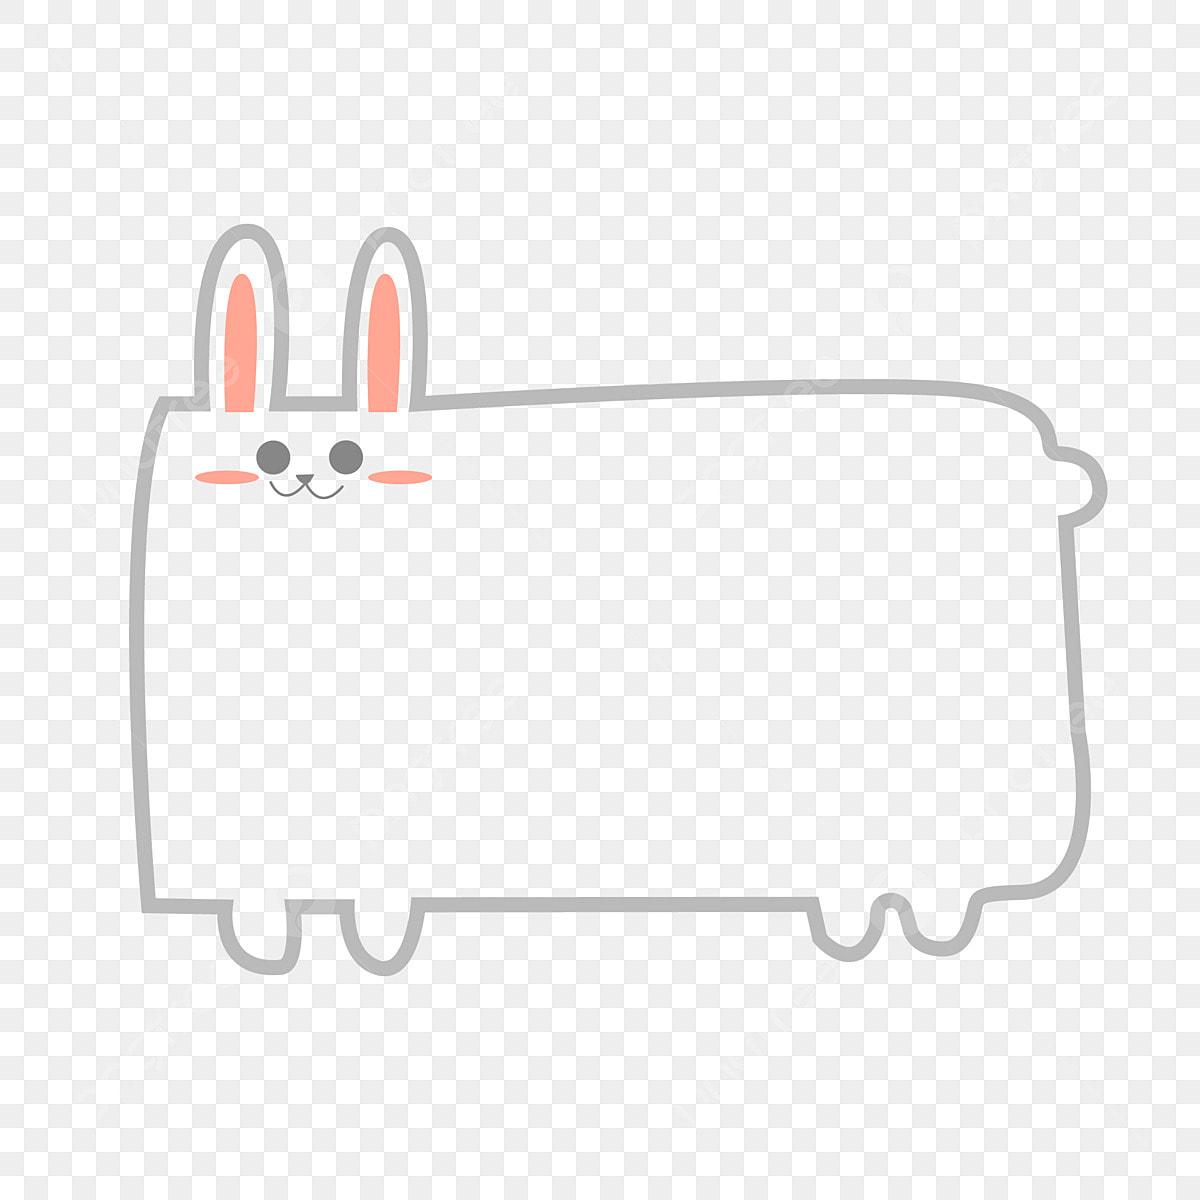 Download 65 Gambar Kelinci Animasi Png Paling Bagus Gratis